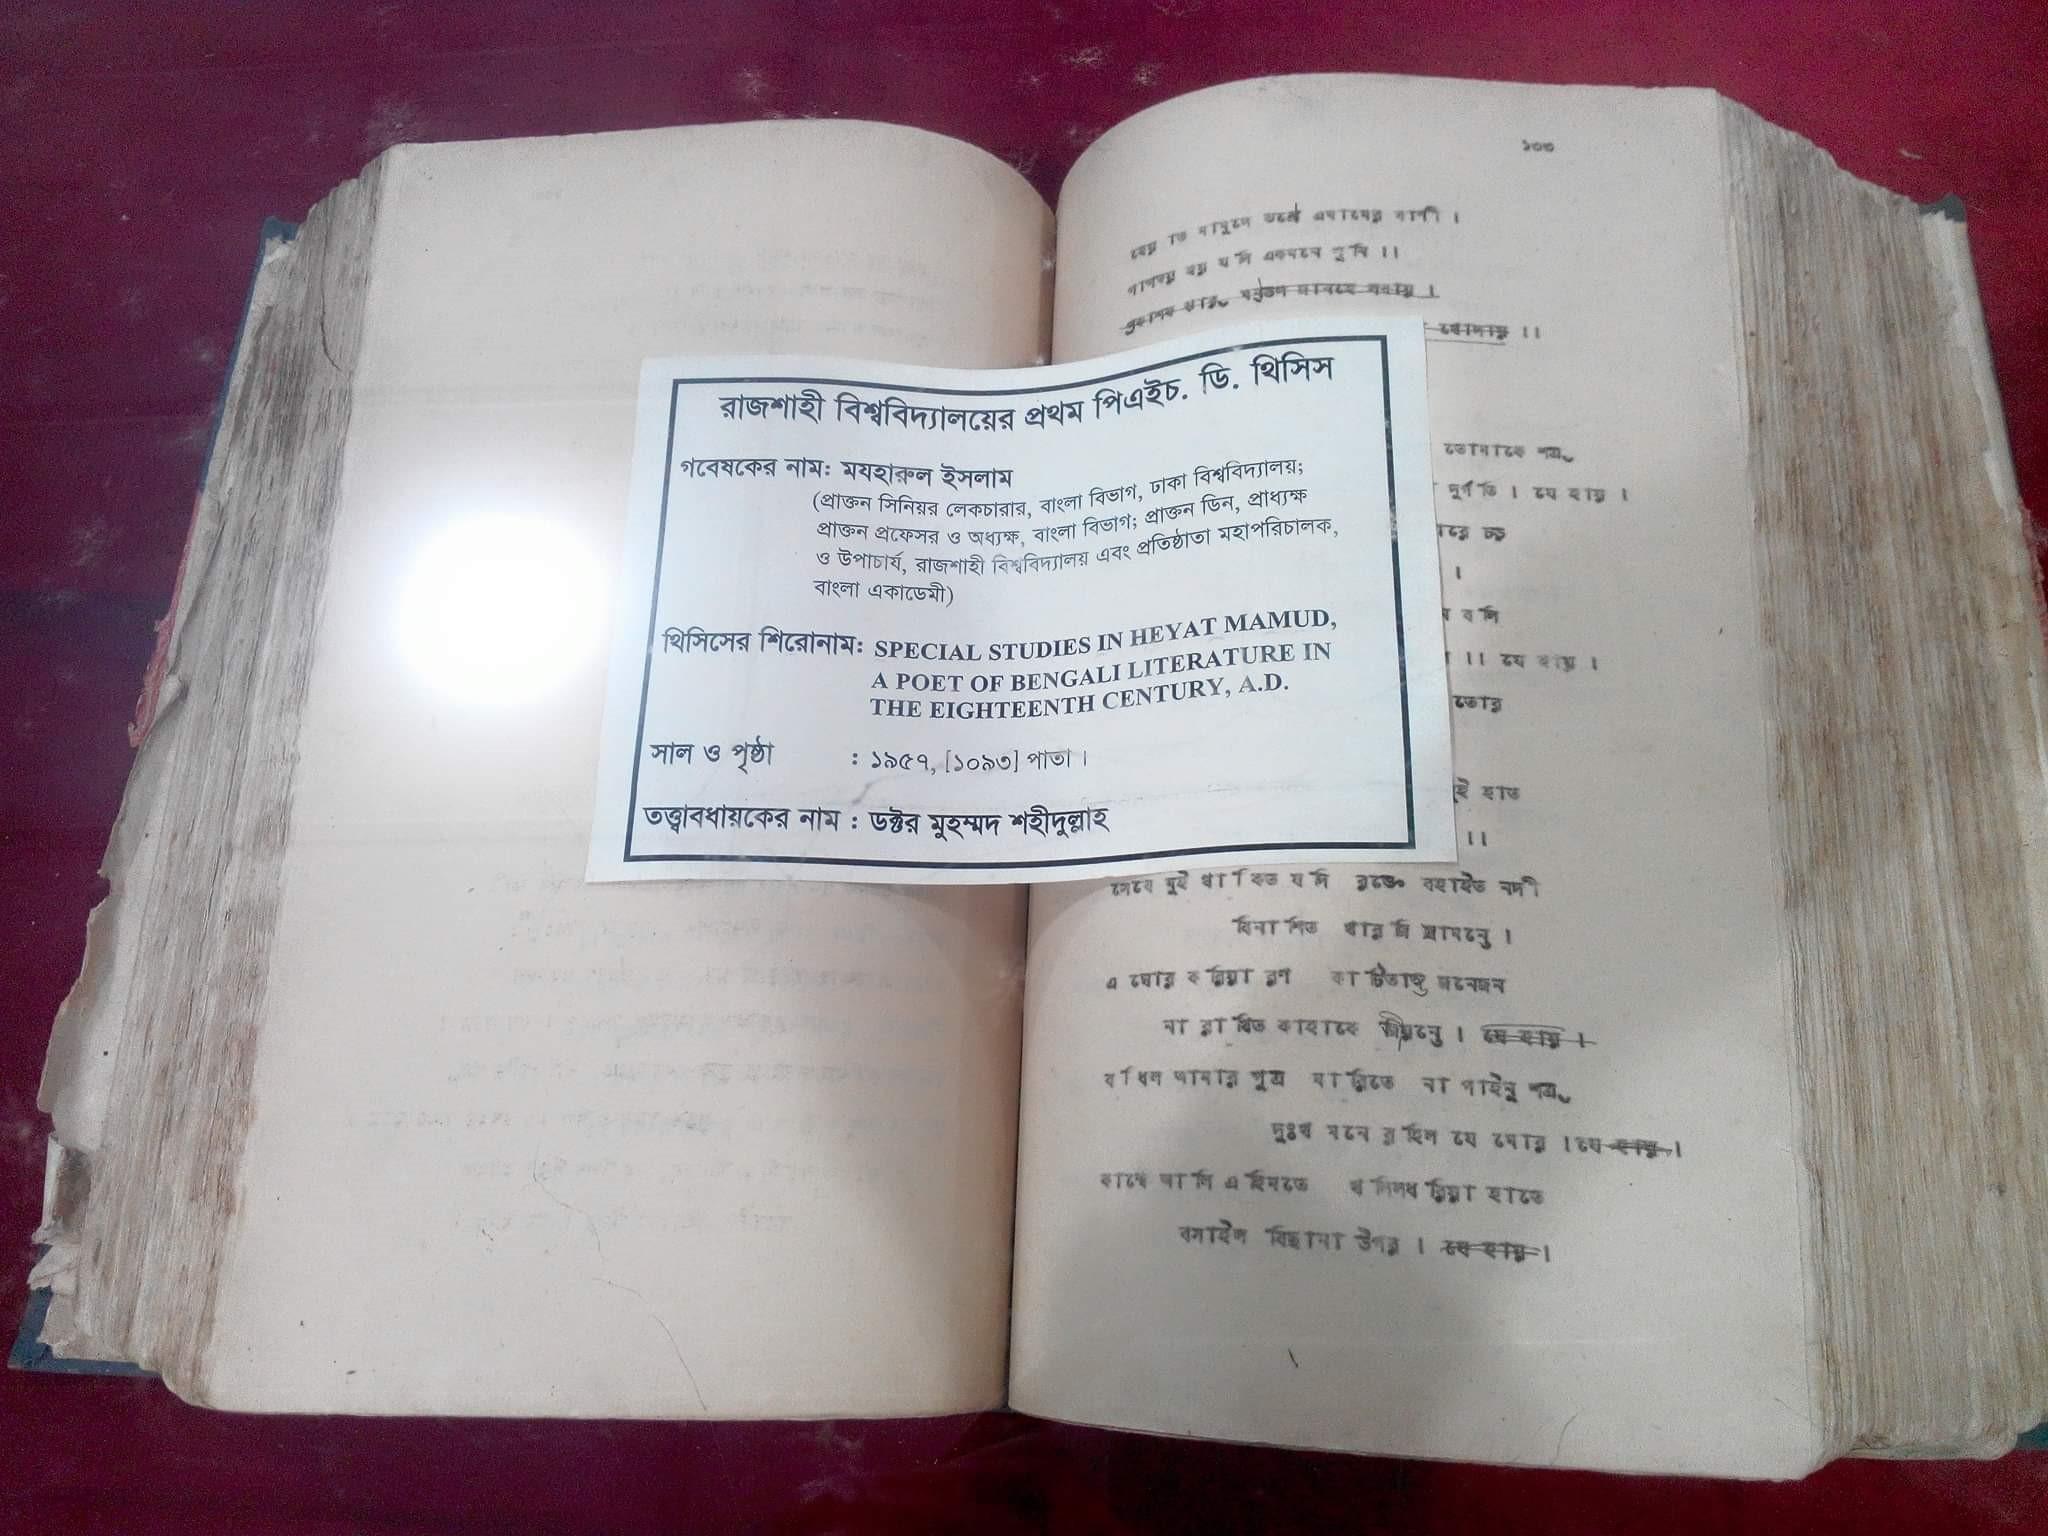 রাজশাহী বিশ্ববিদ্যালয়ের প্রথম পিএইচডি থিসিস